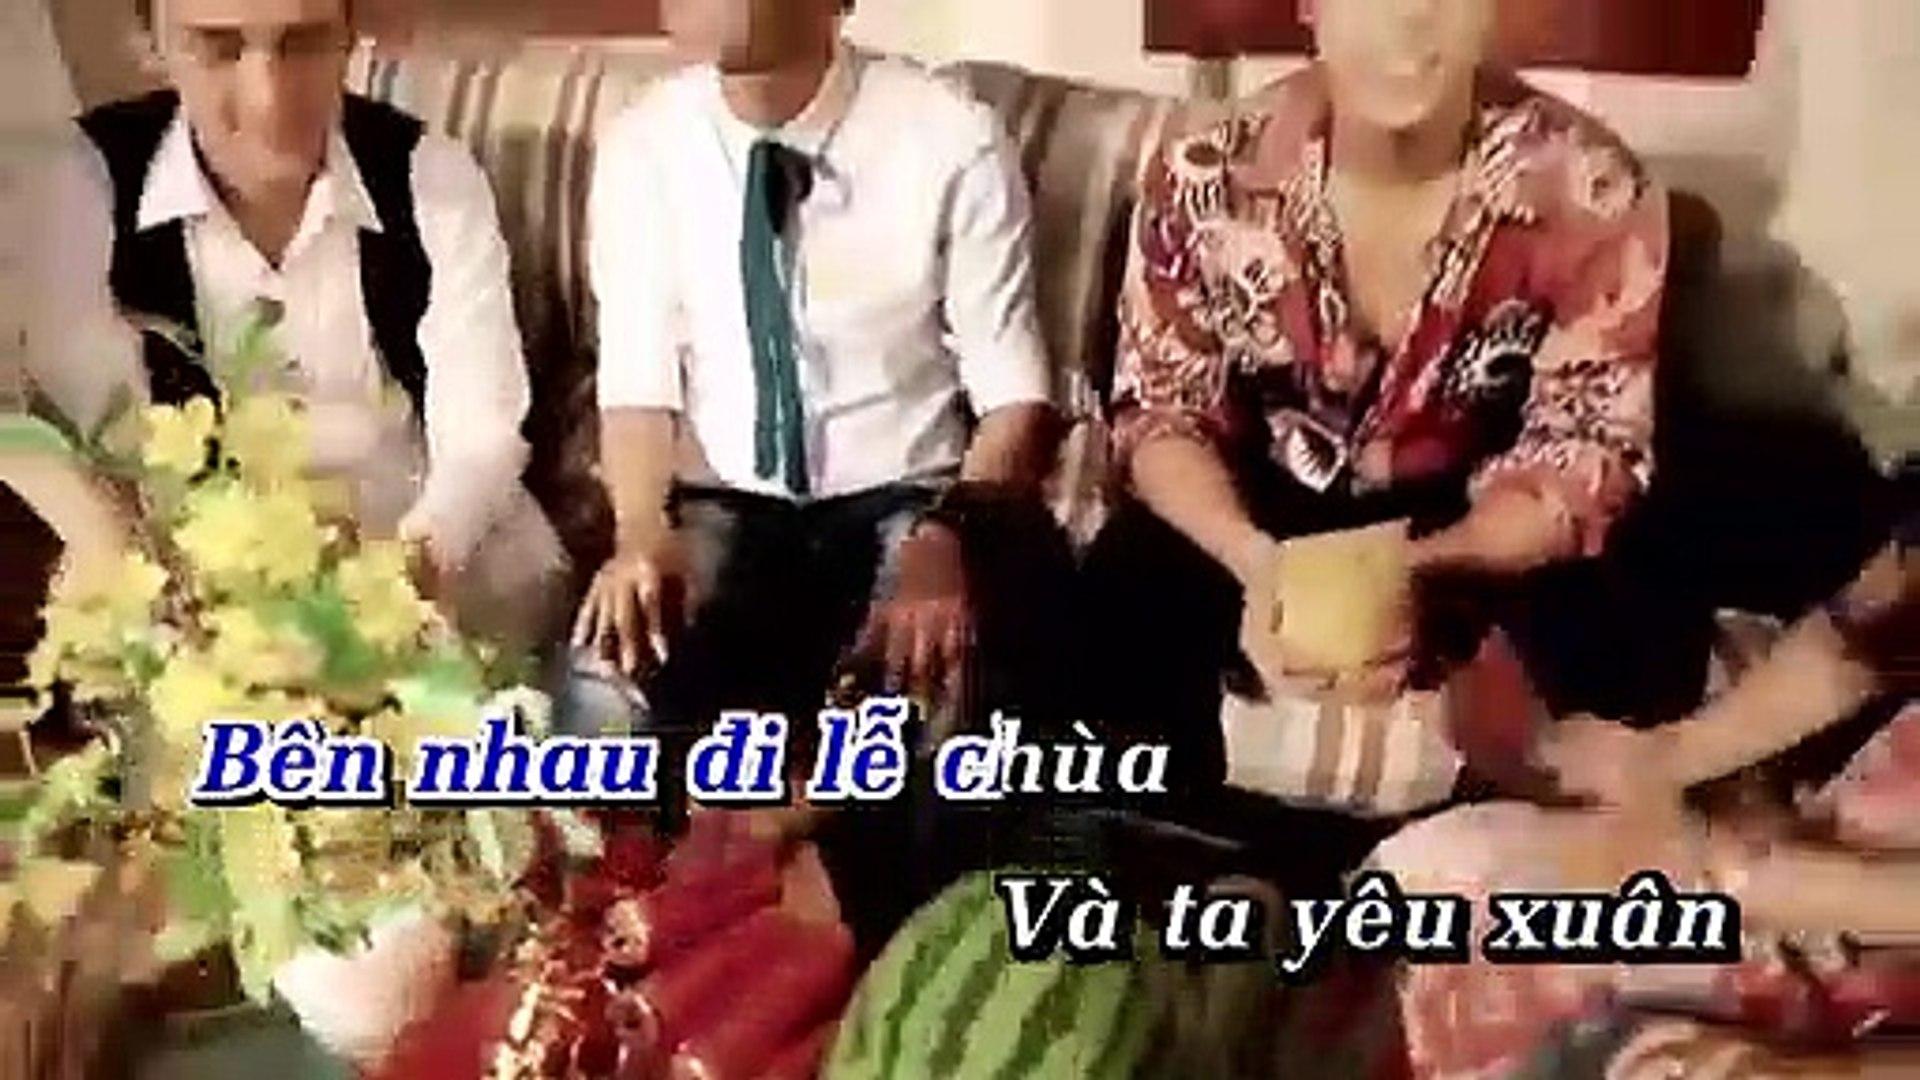 [Karaoke] Mời Thăm Nhà Tôi Ngày Xuân - Hamlet Trương [Beat]